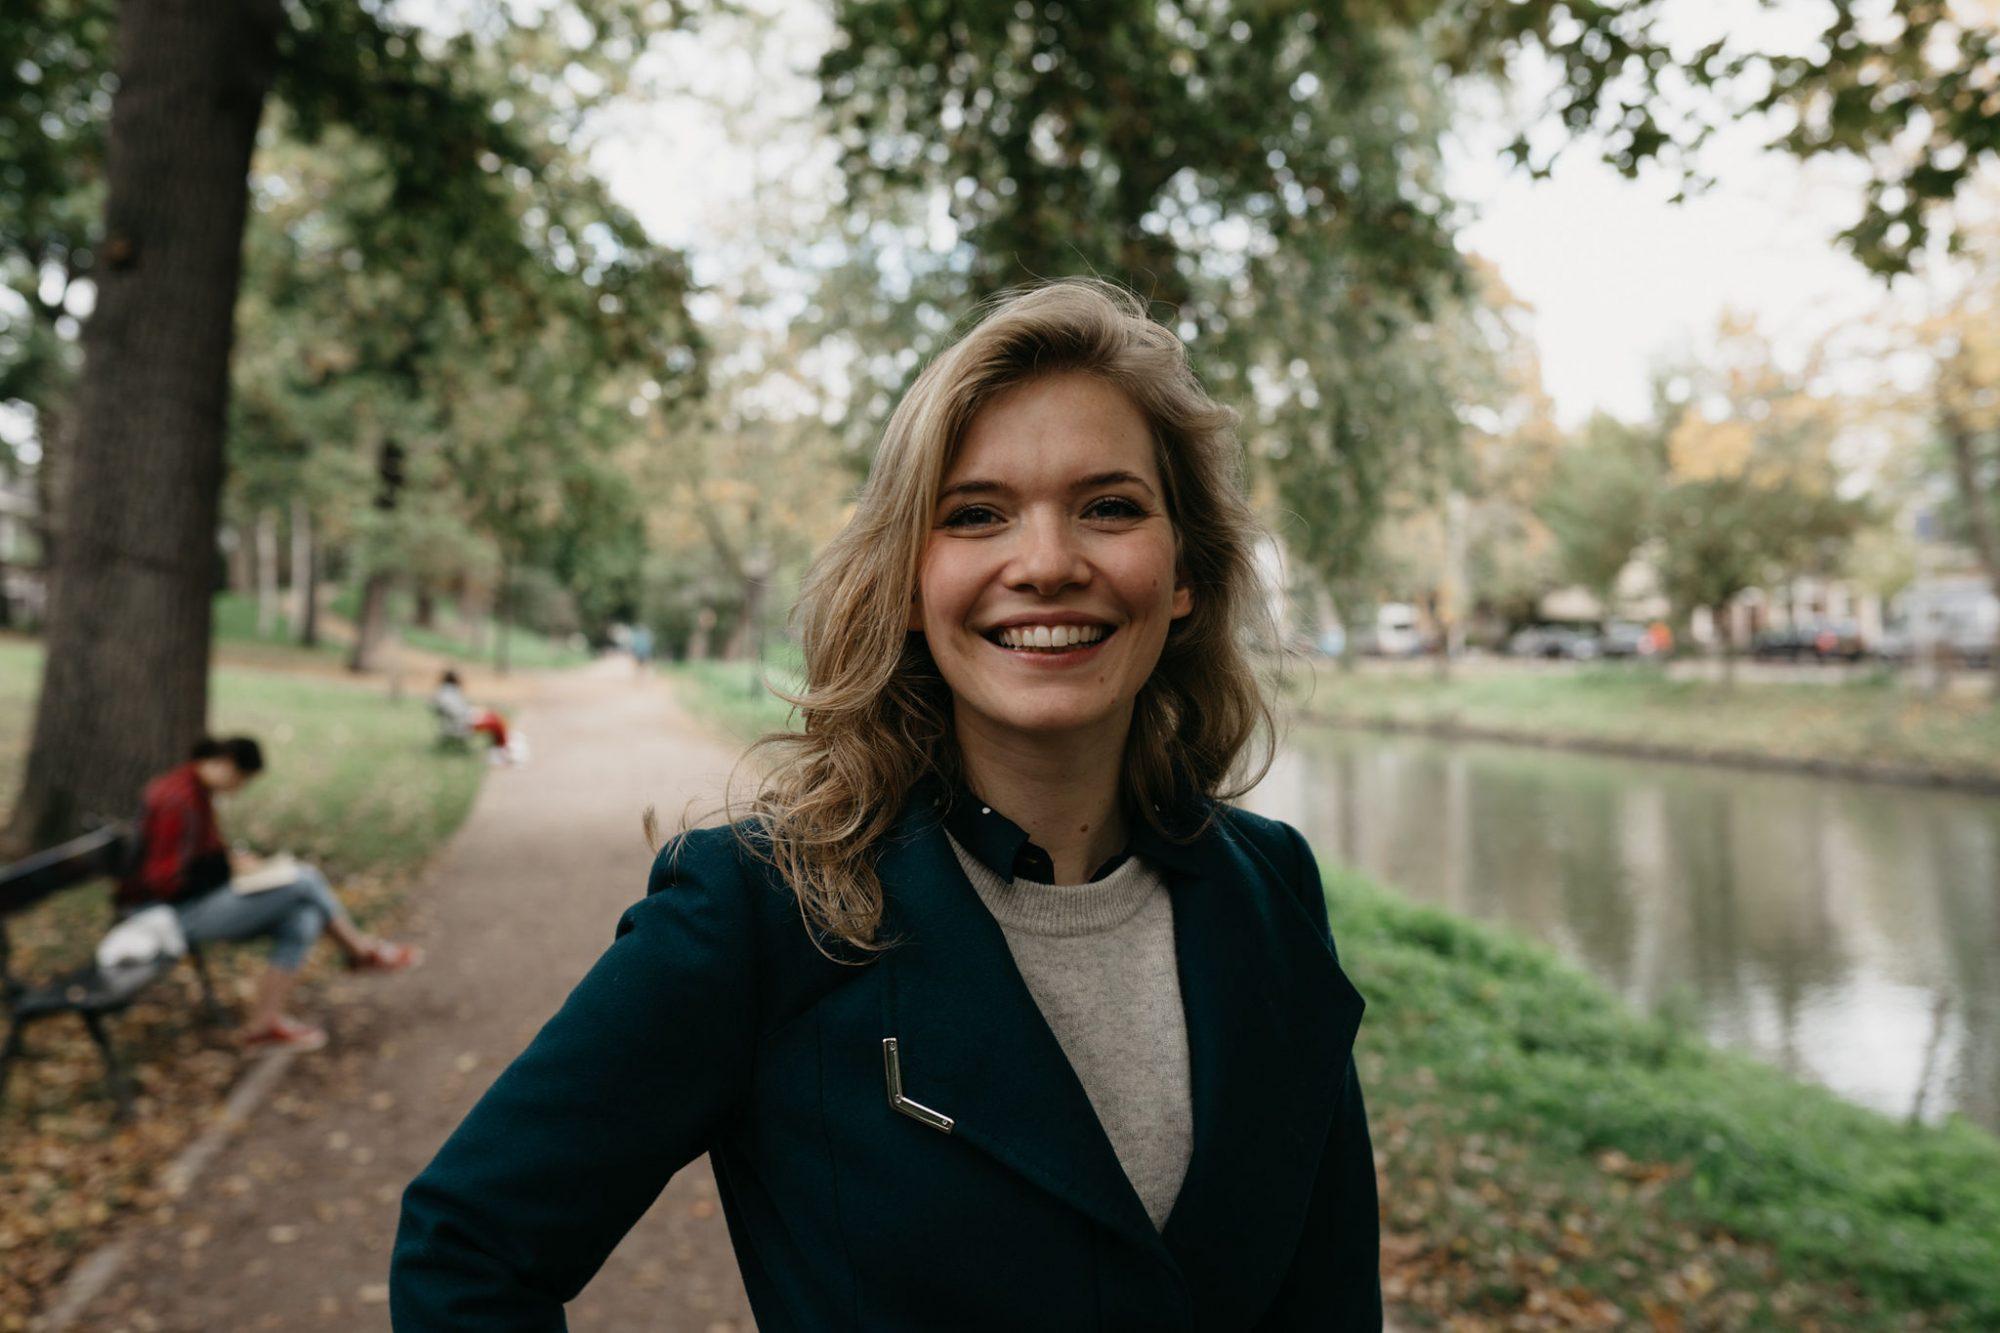 Karina Rauh